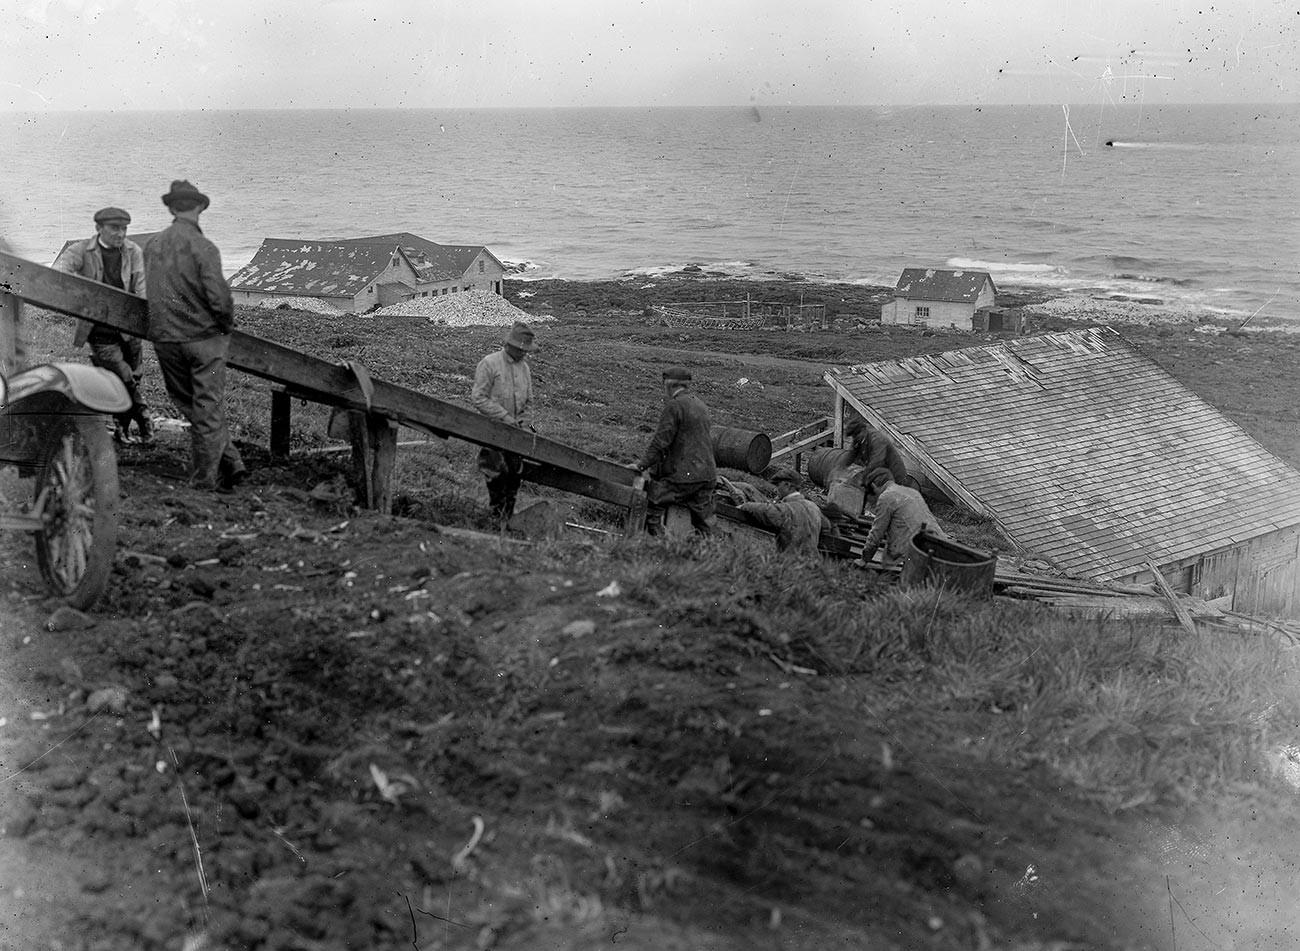 Alasca, 1918